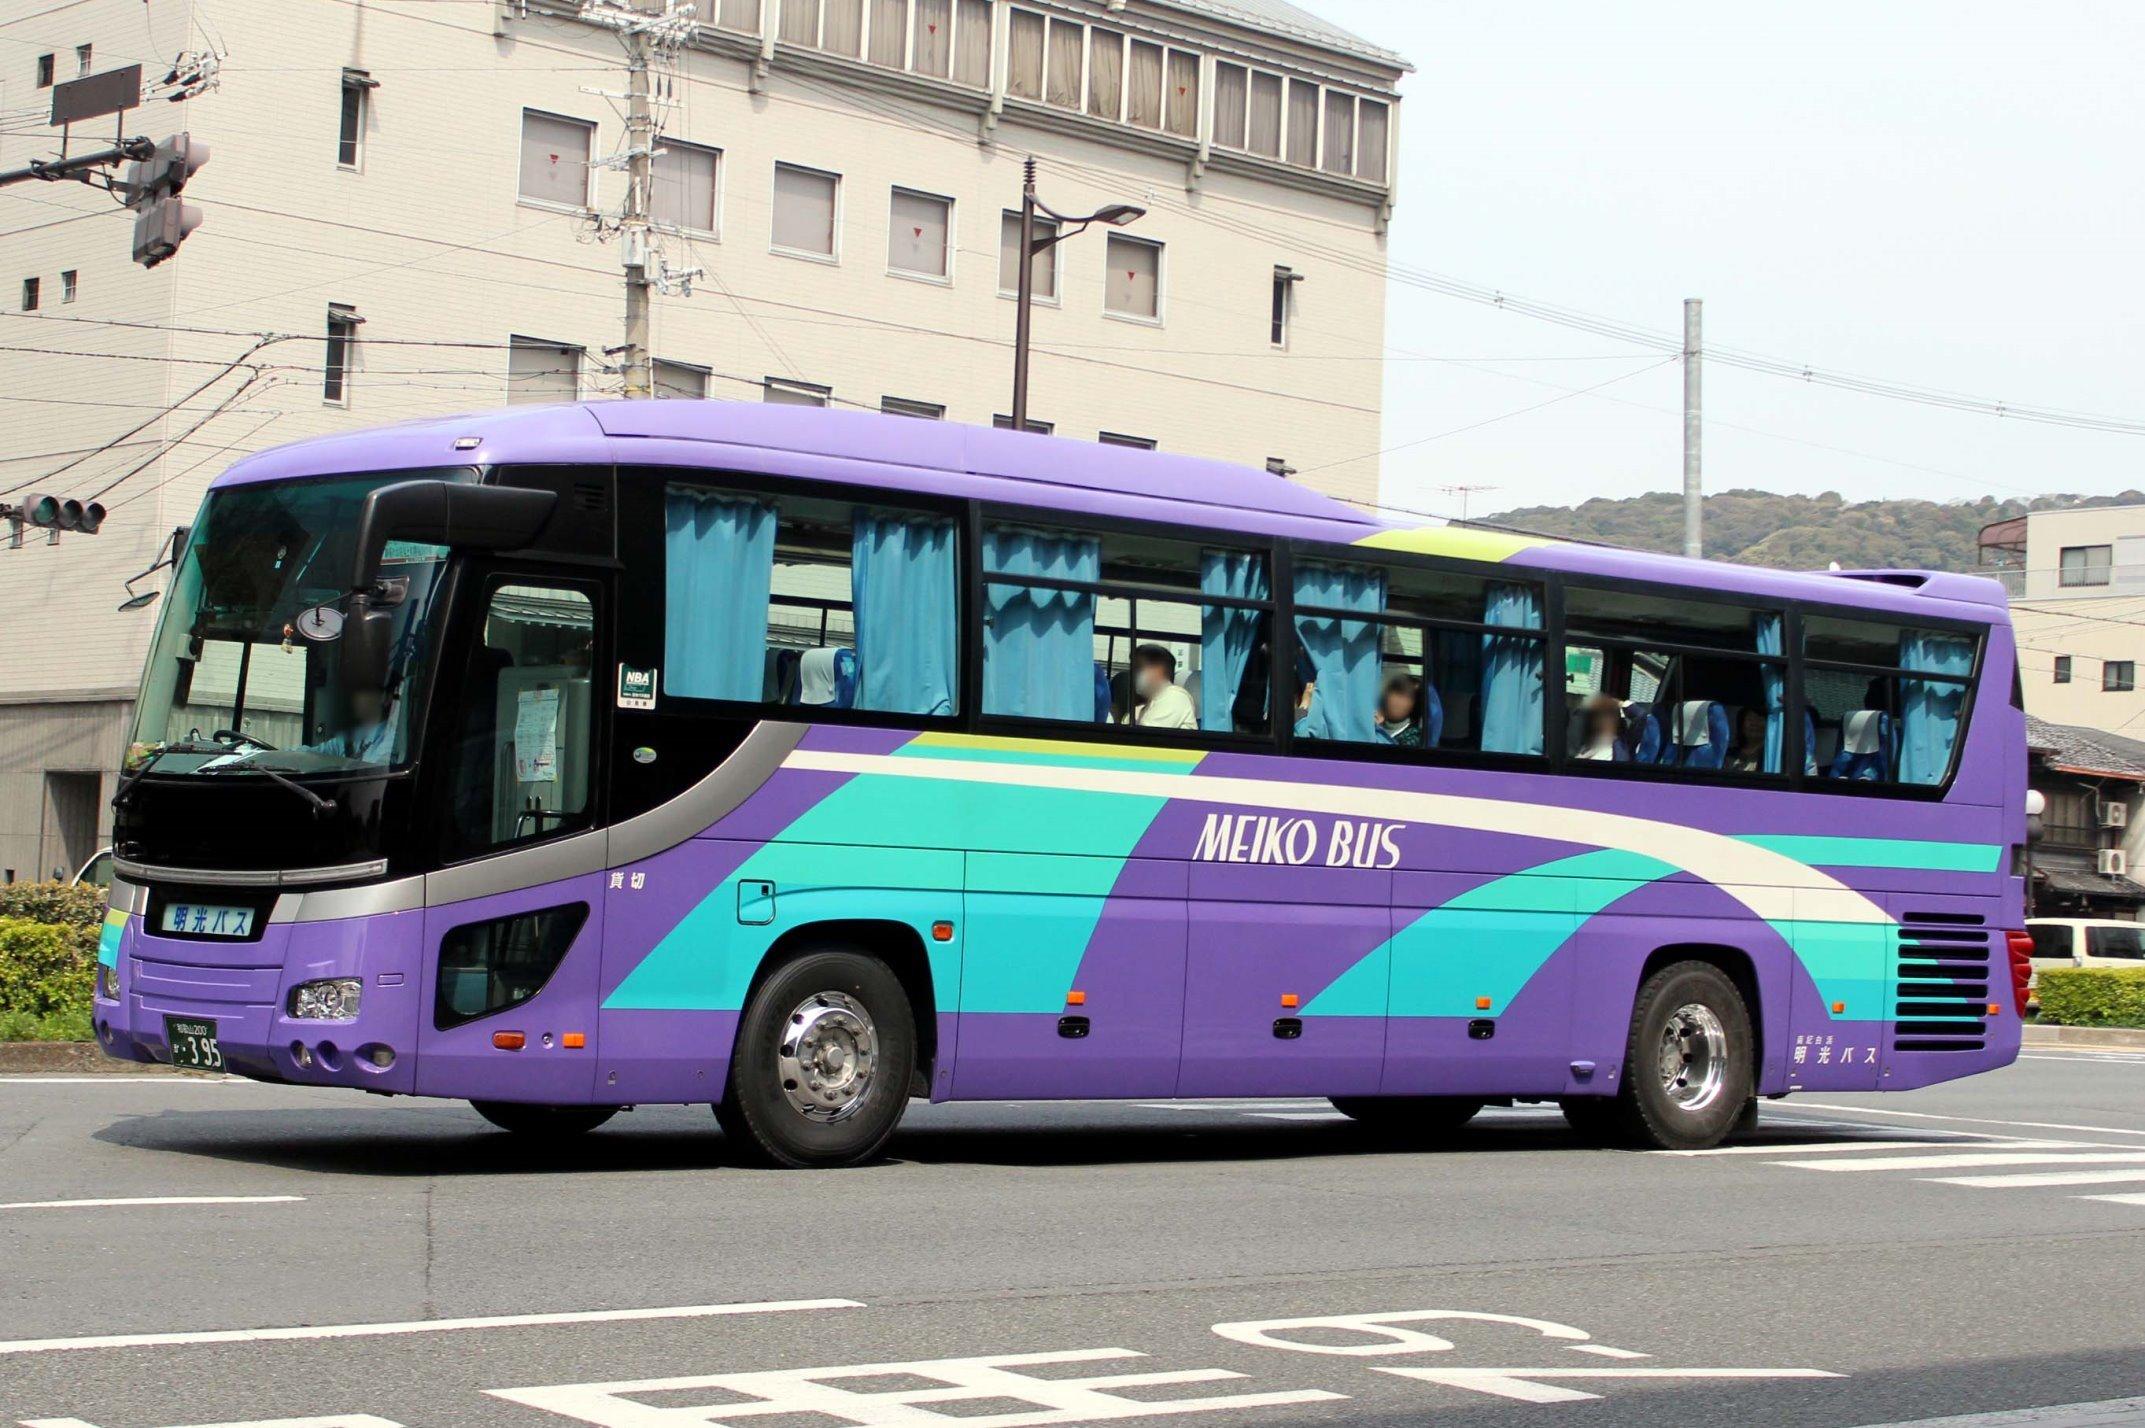 明光バス か395